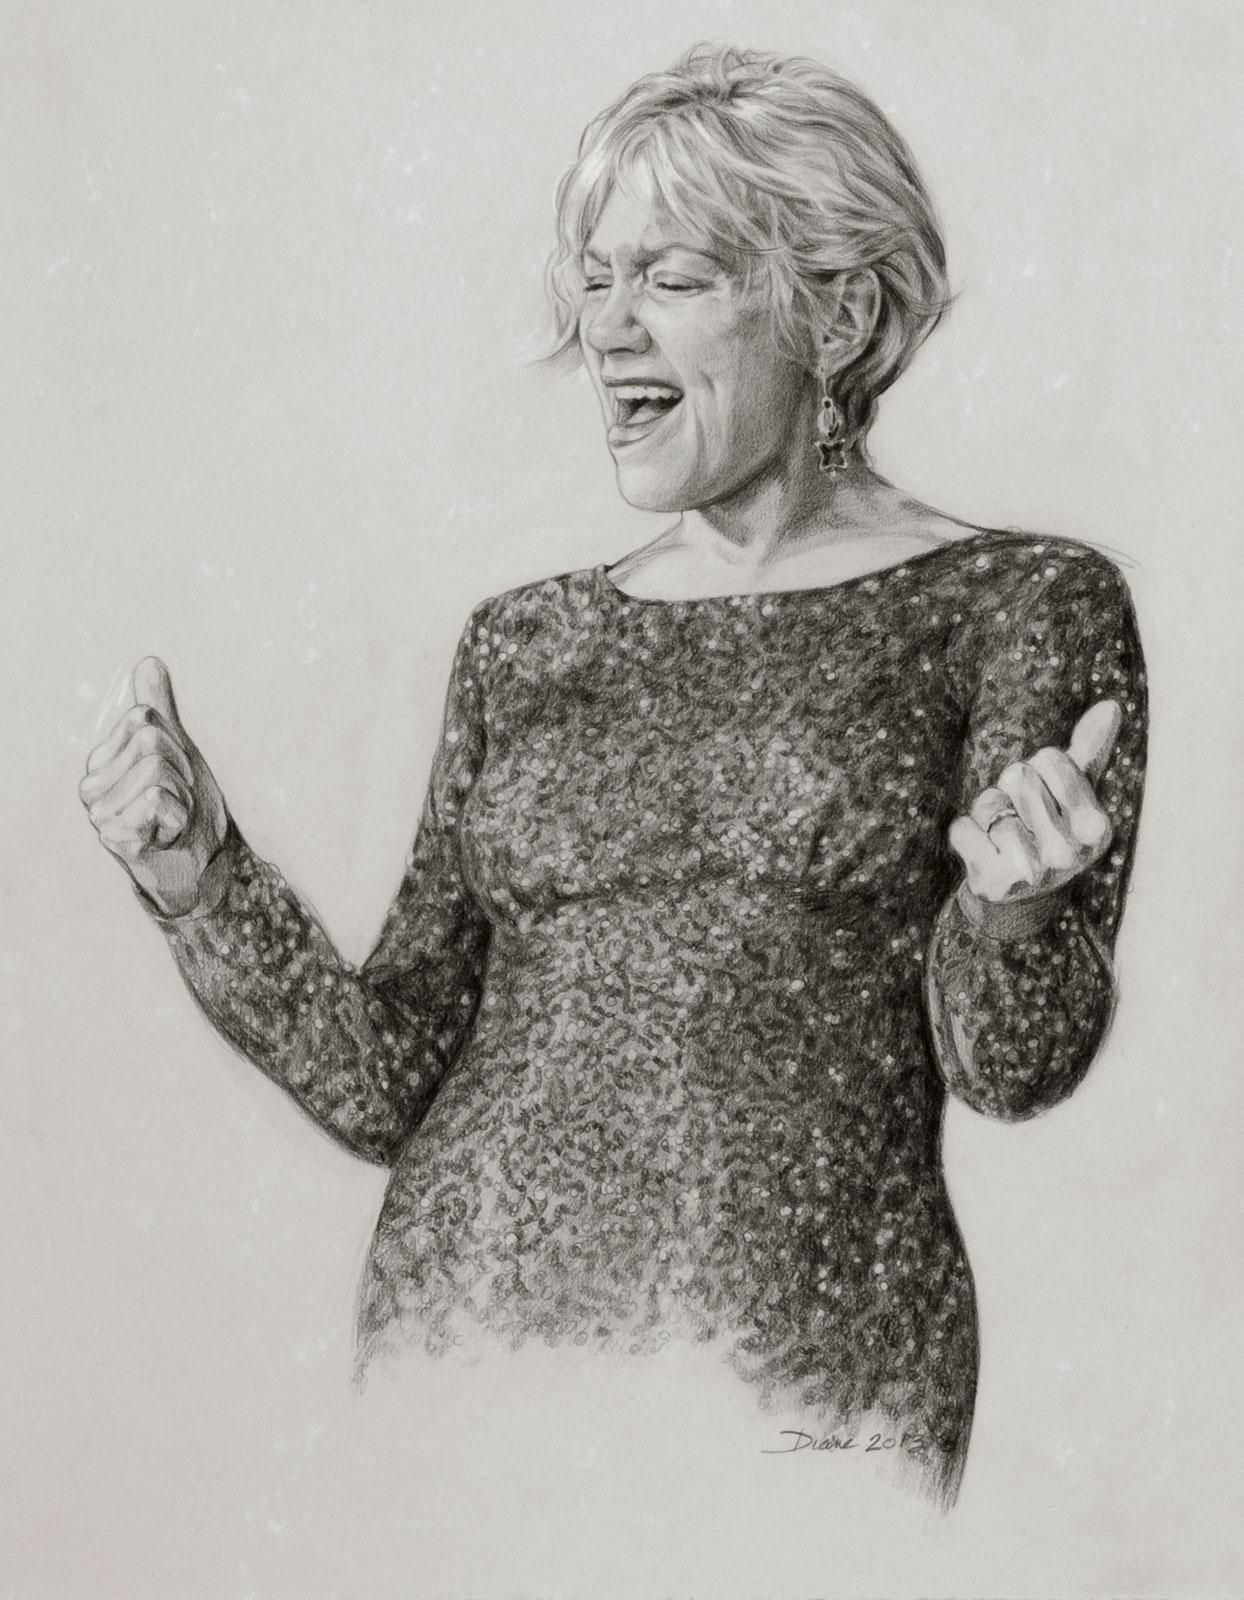 RebeccaKilgore